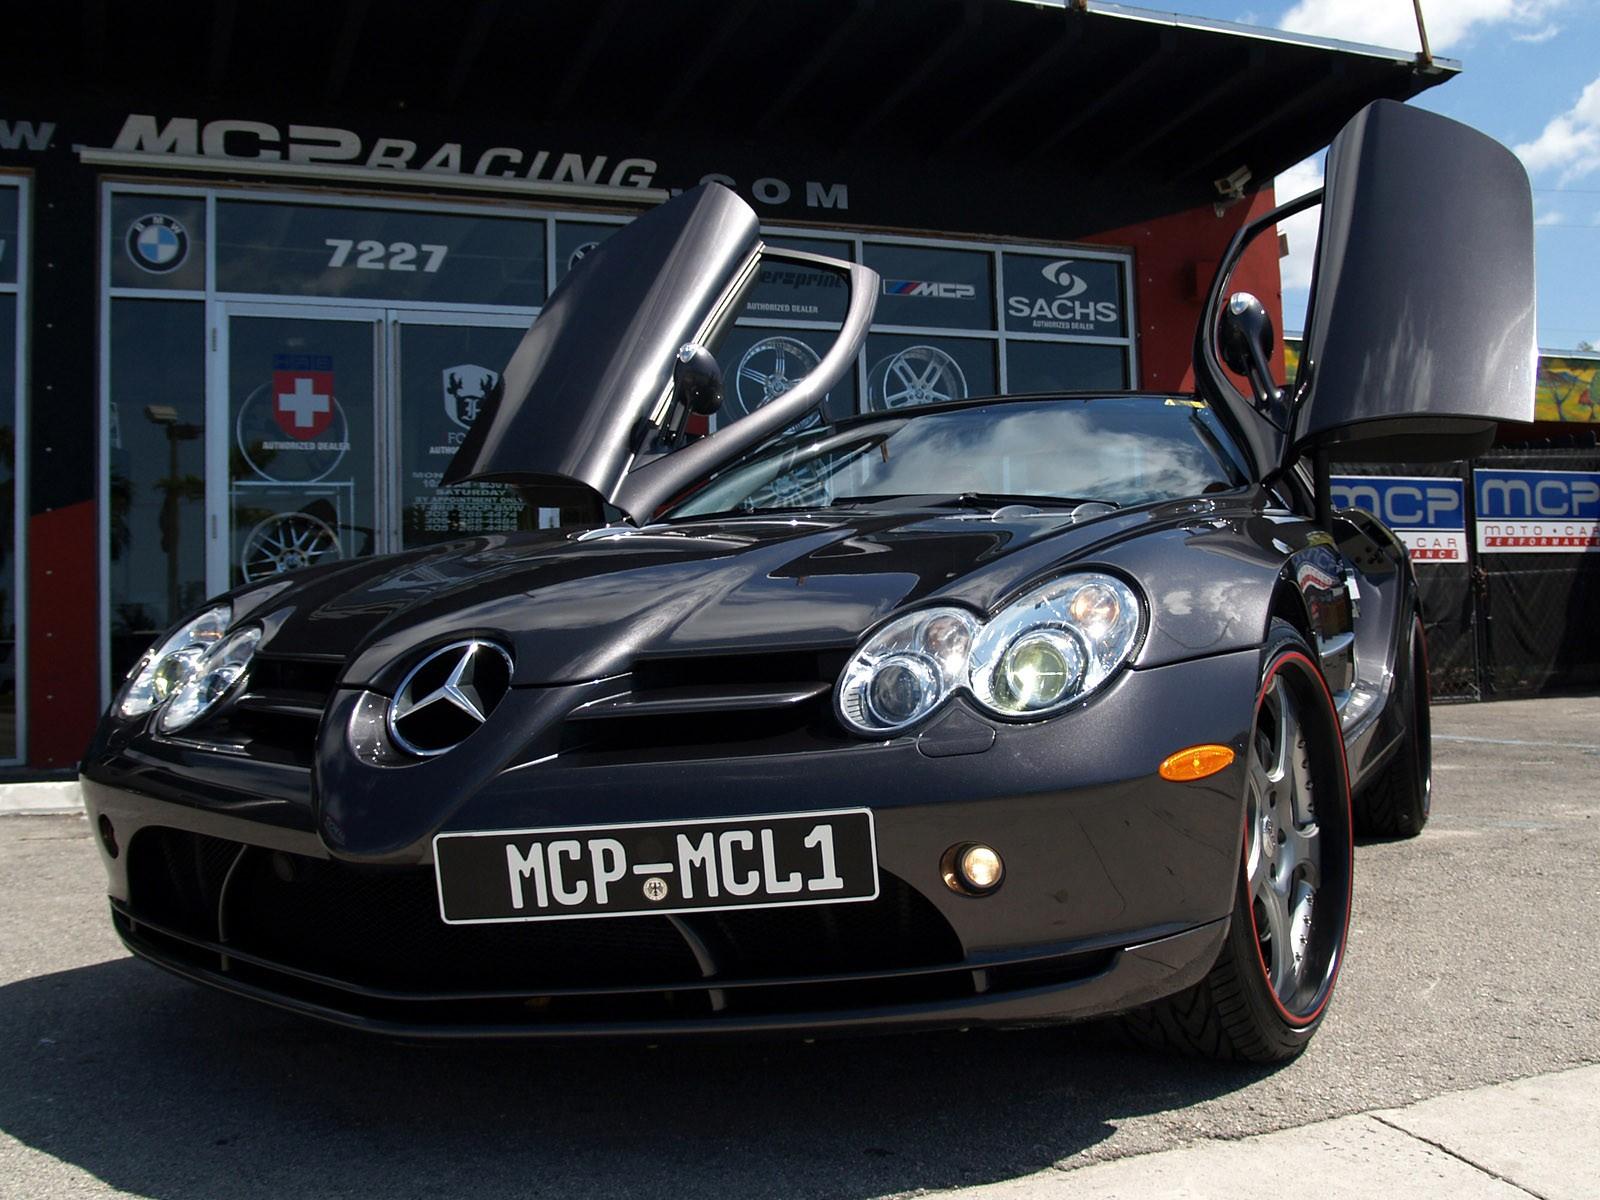 2008 MCP Racing - Mclaren Mercedes SLR C199